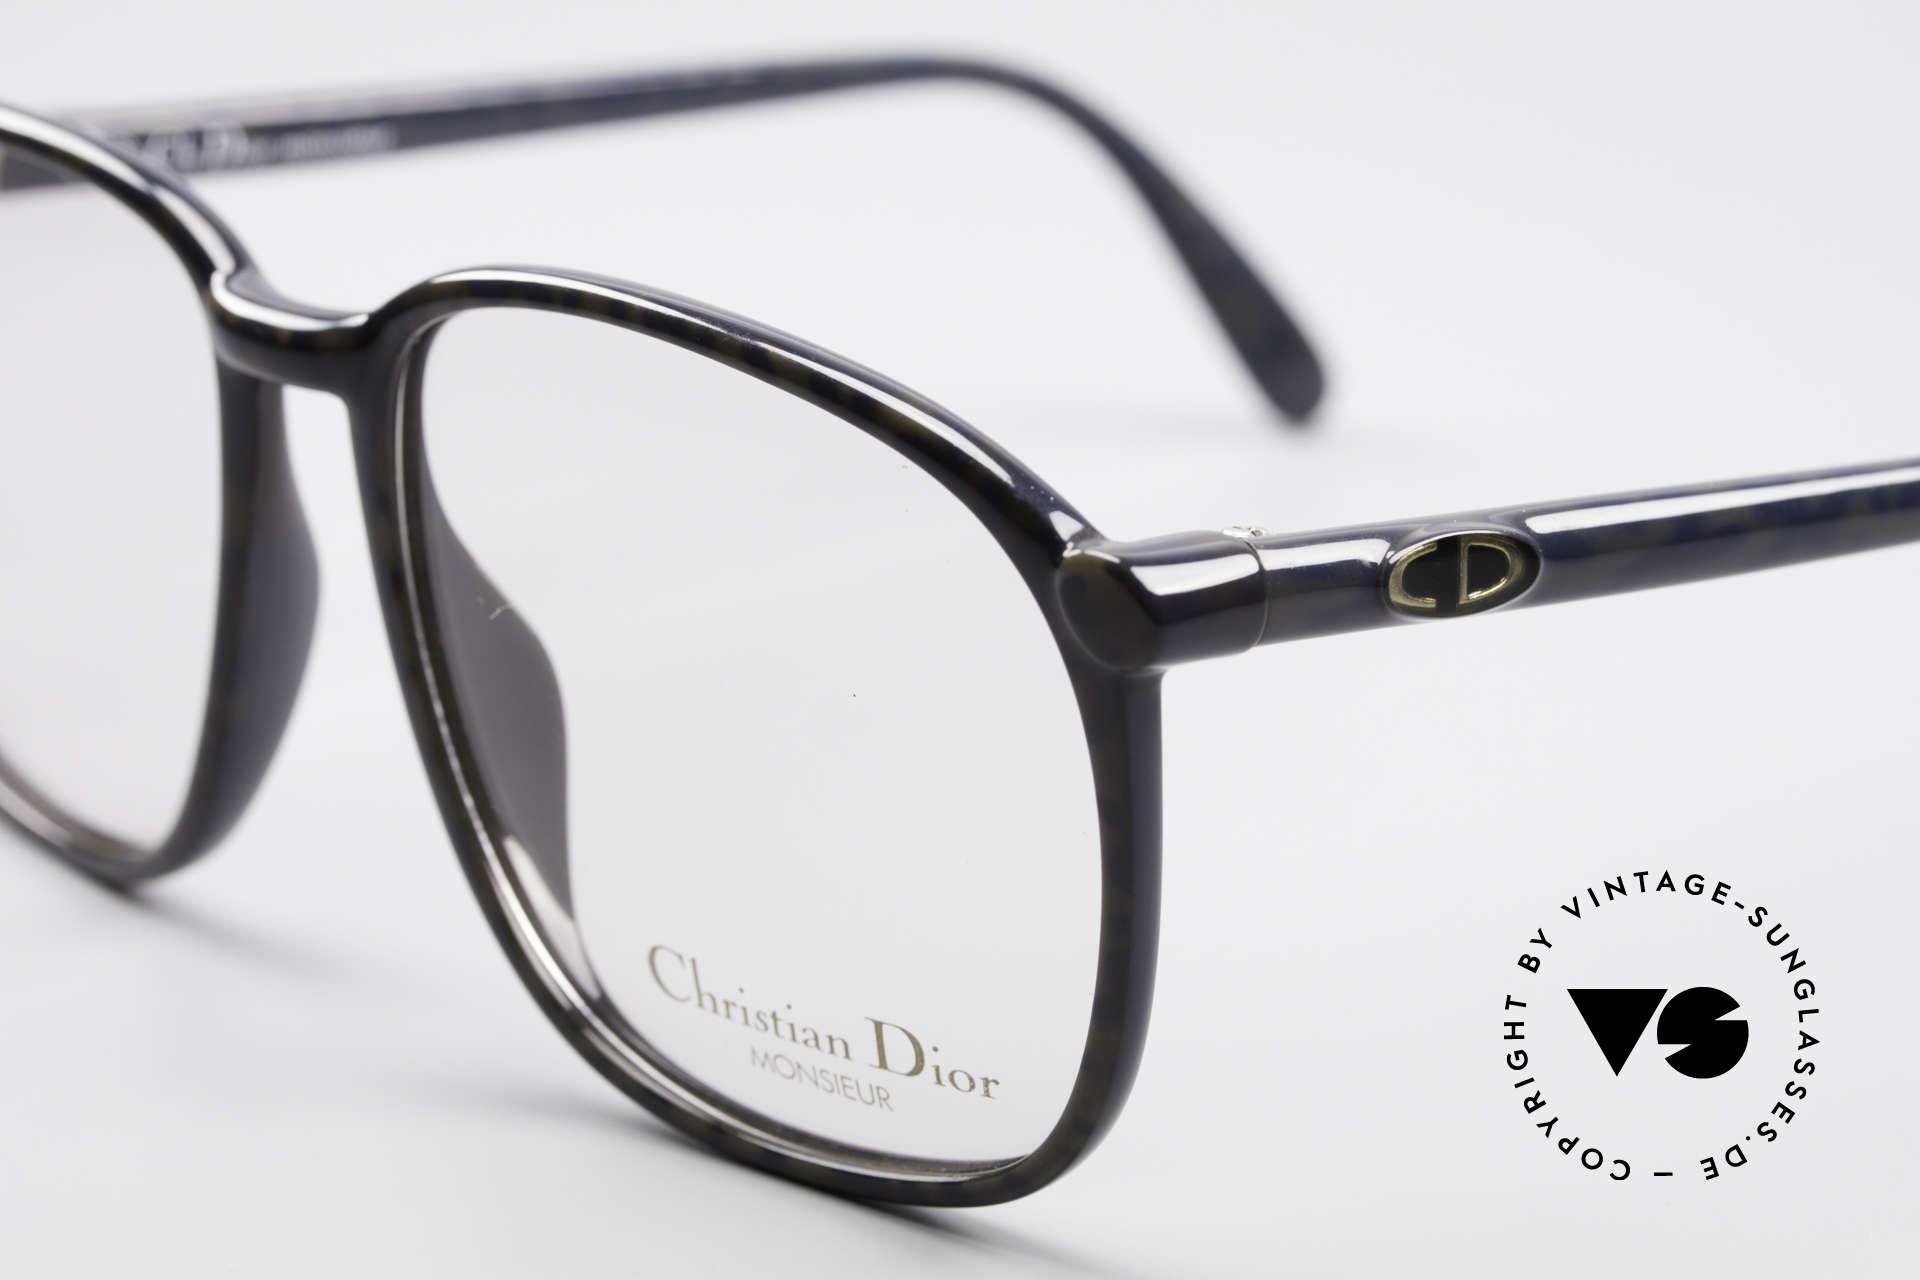 Christian Dior 2341 80er Optyl Monsieur Brille, zudem, sehr dezent elegantes Farbmuster in graublau, Passend für Herren